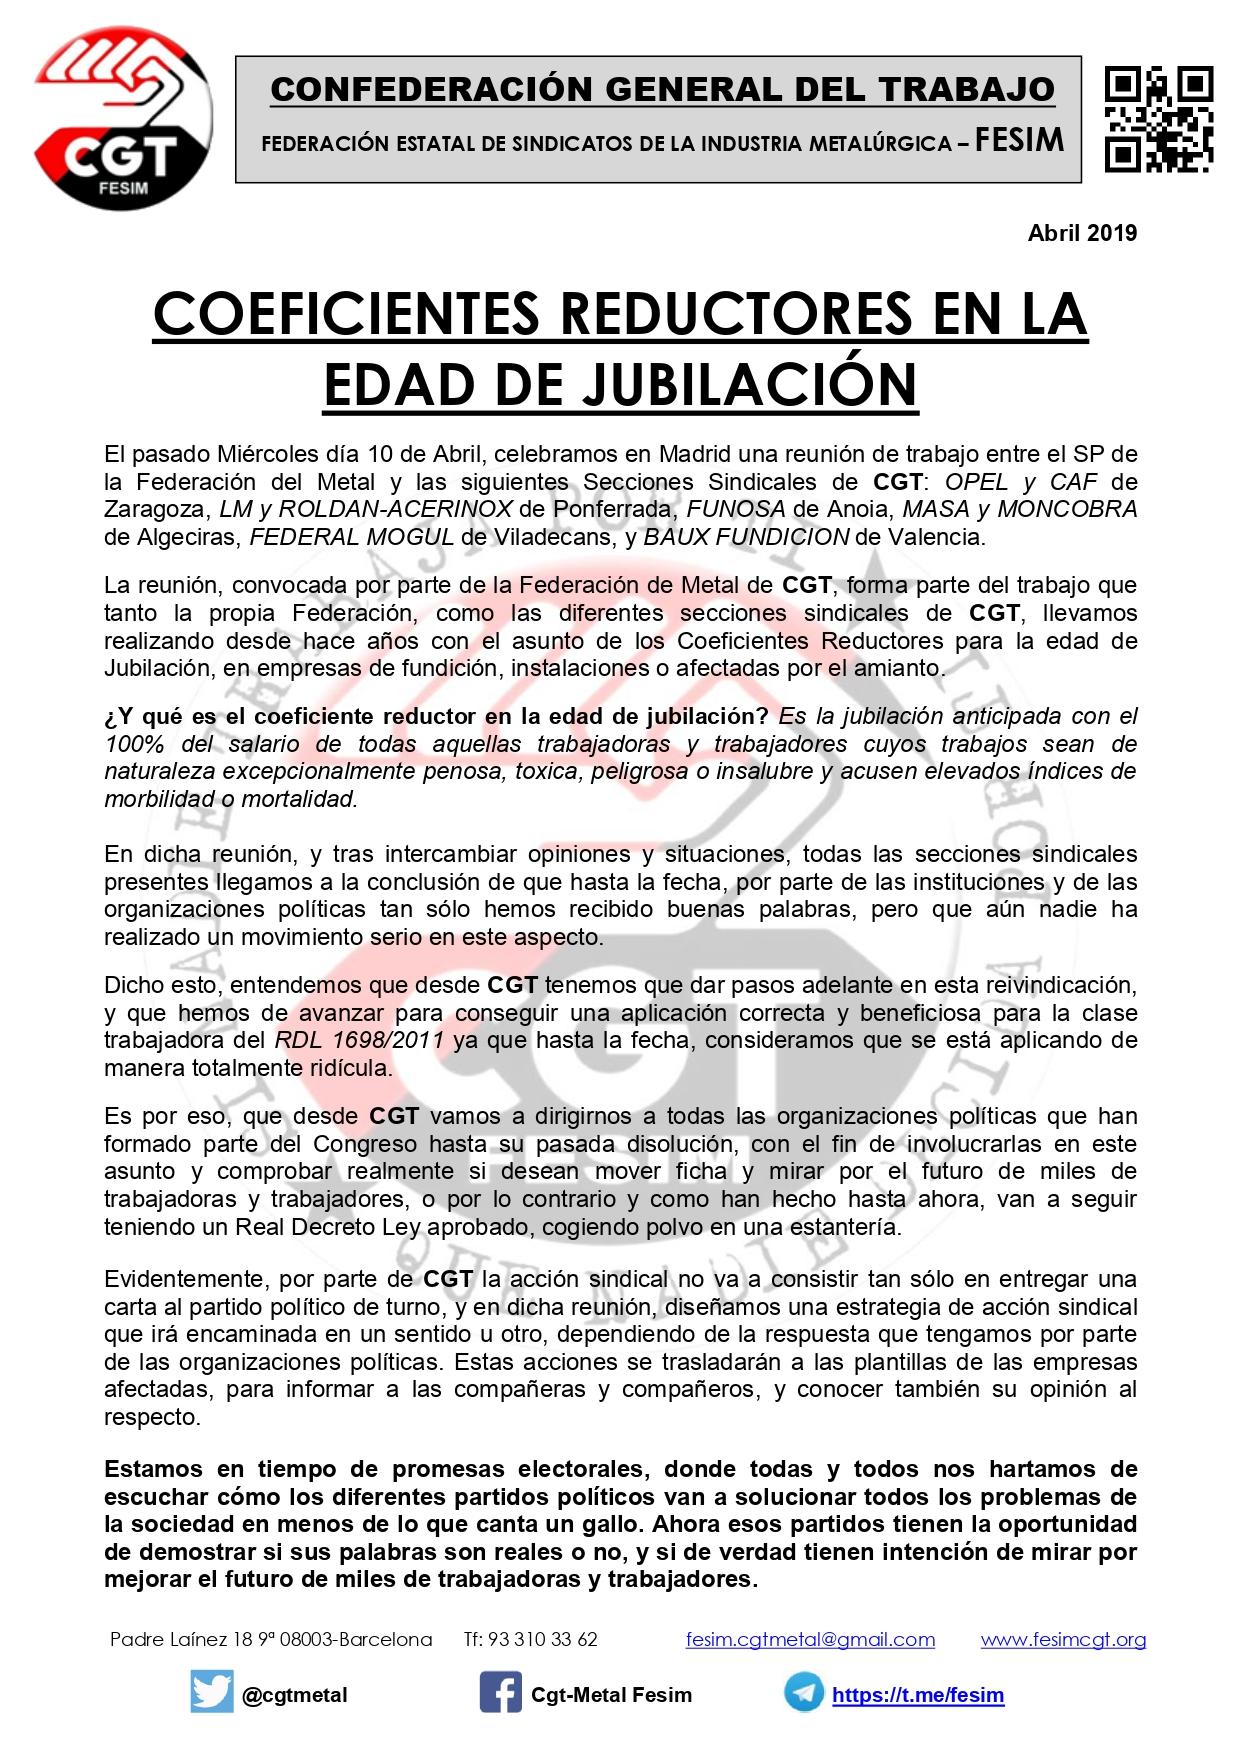 Comunicado reunion coeficientes reductores_page-0001